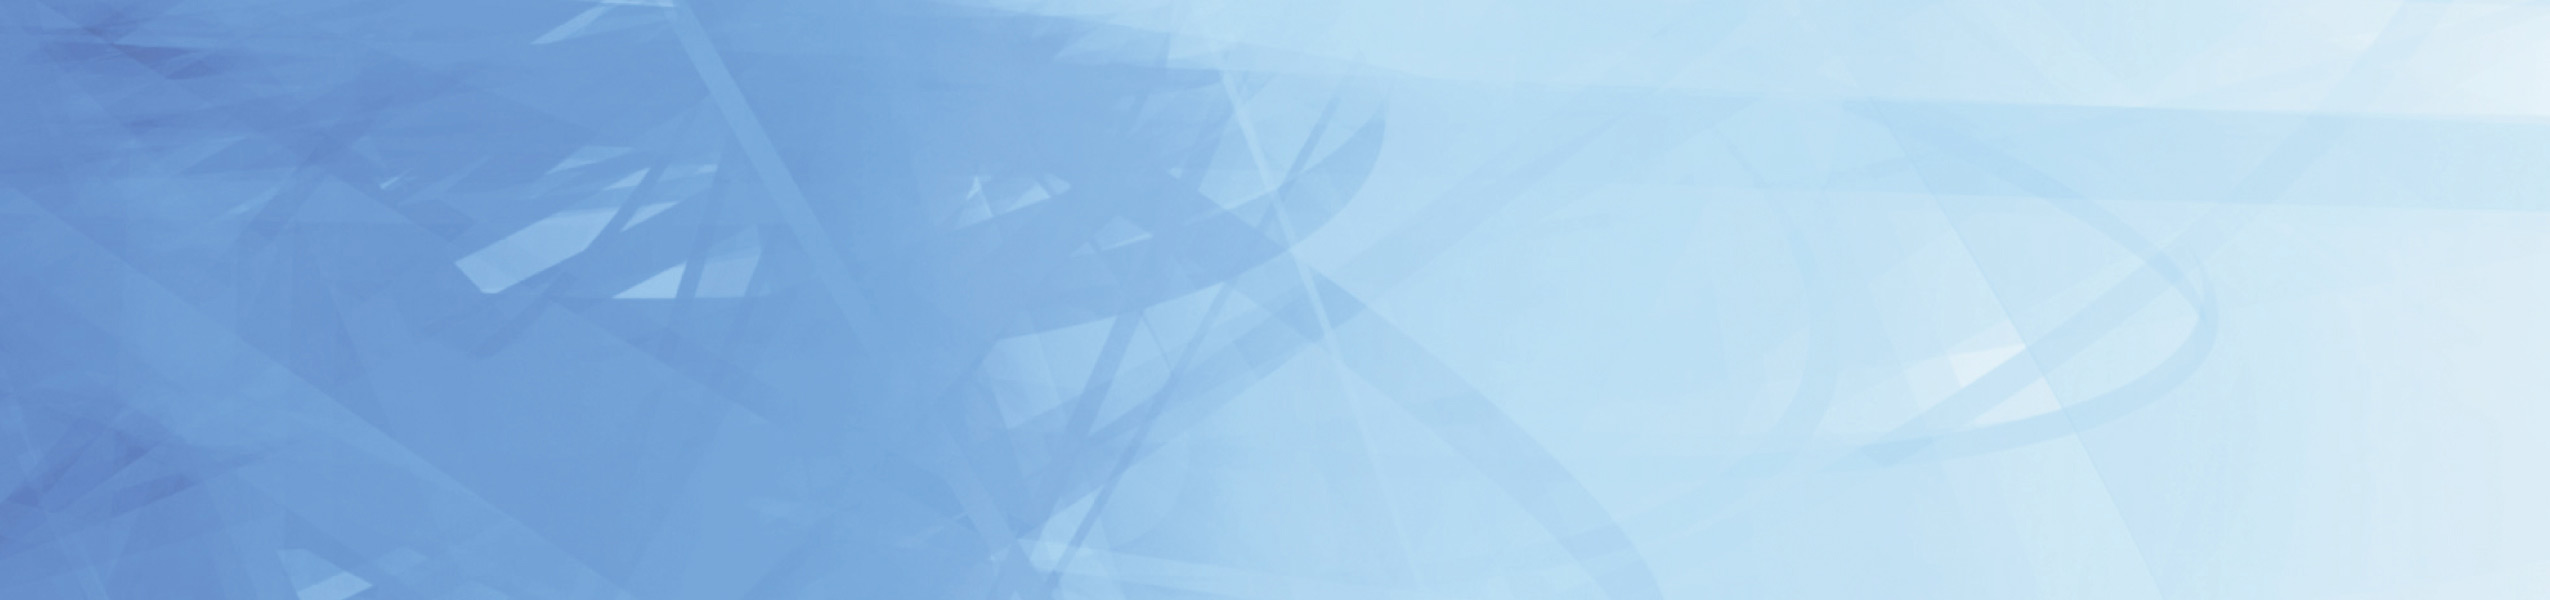 tecnigrado-bg-softblue-t